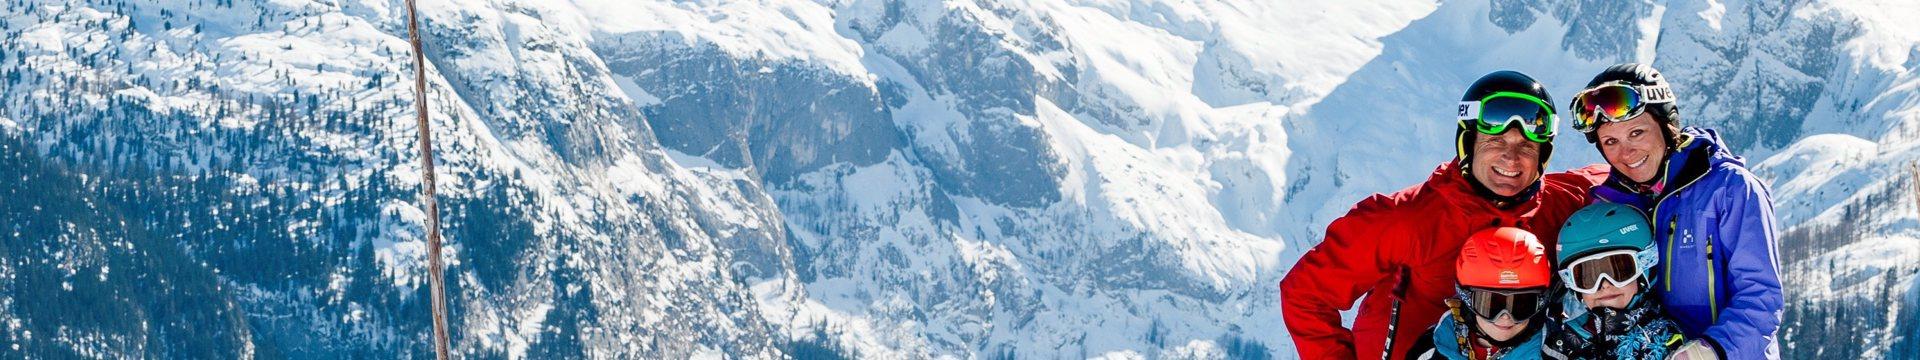 Dachstein Tauern